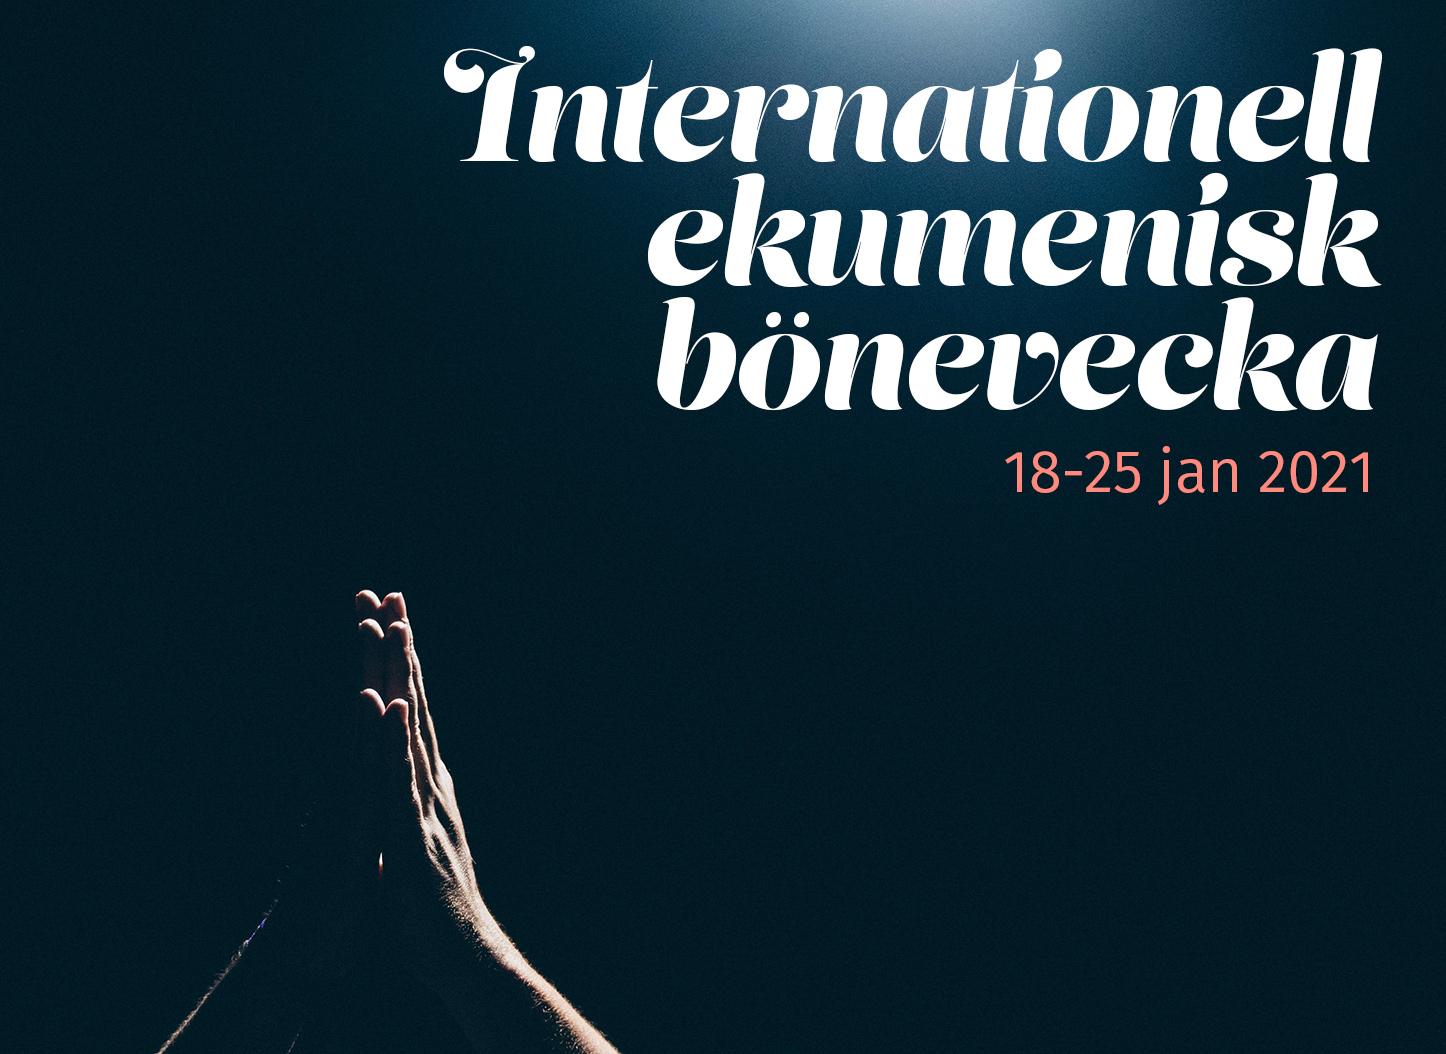 Internationell ekumenisk bönevecka 2021